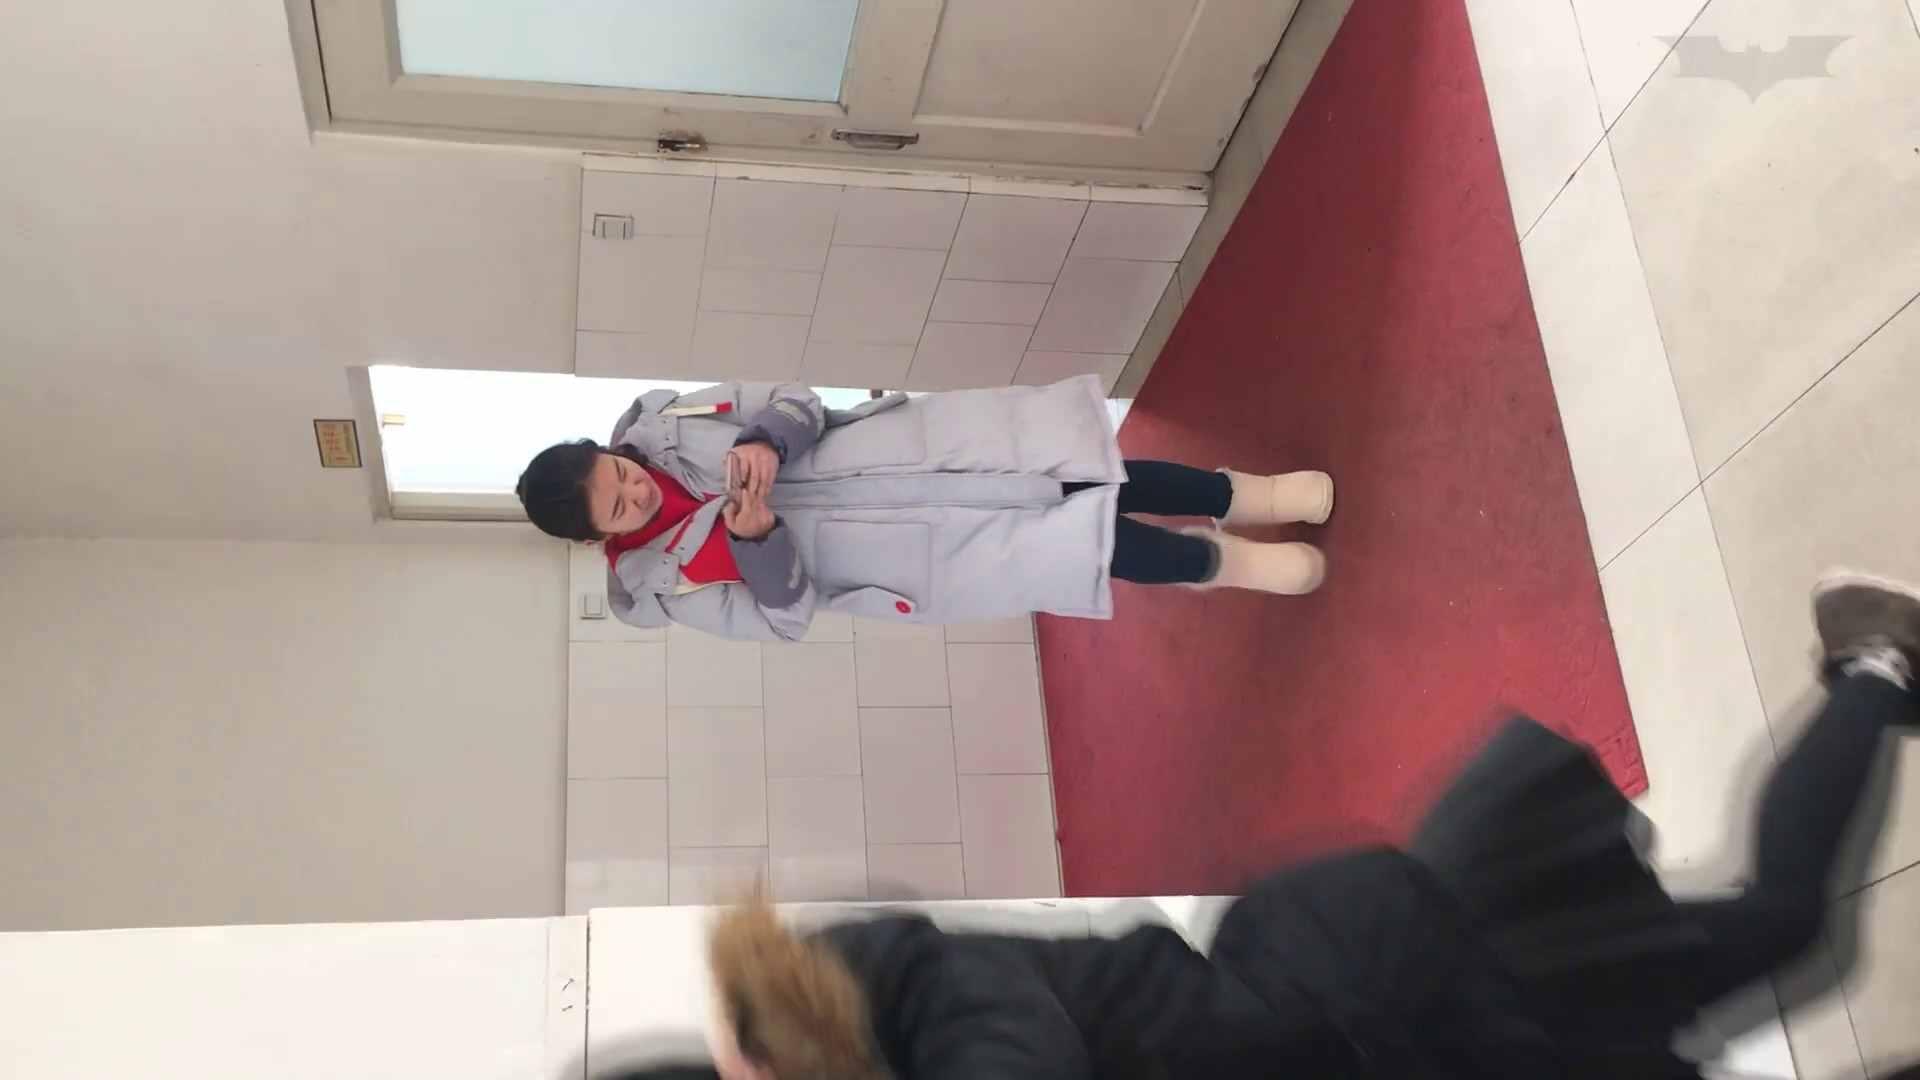 芸術大学ガチ潜入盗sati JD盗撮 美女の洗面所の秘密 Vol.95 盗撮編 おまんこ無修正動画無料 85枚 21